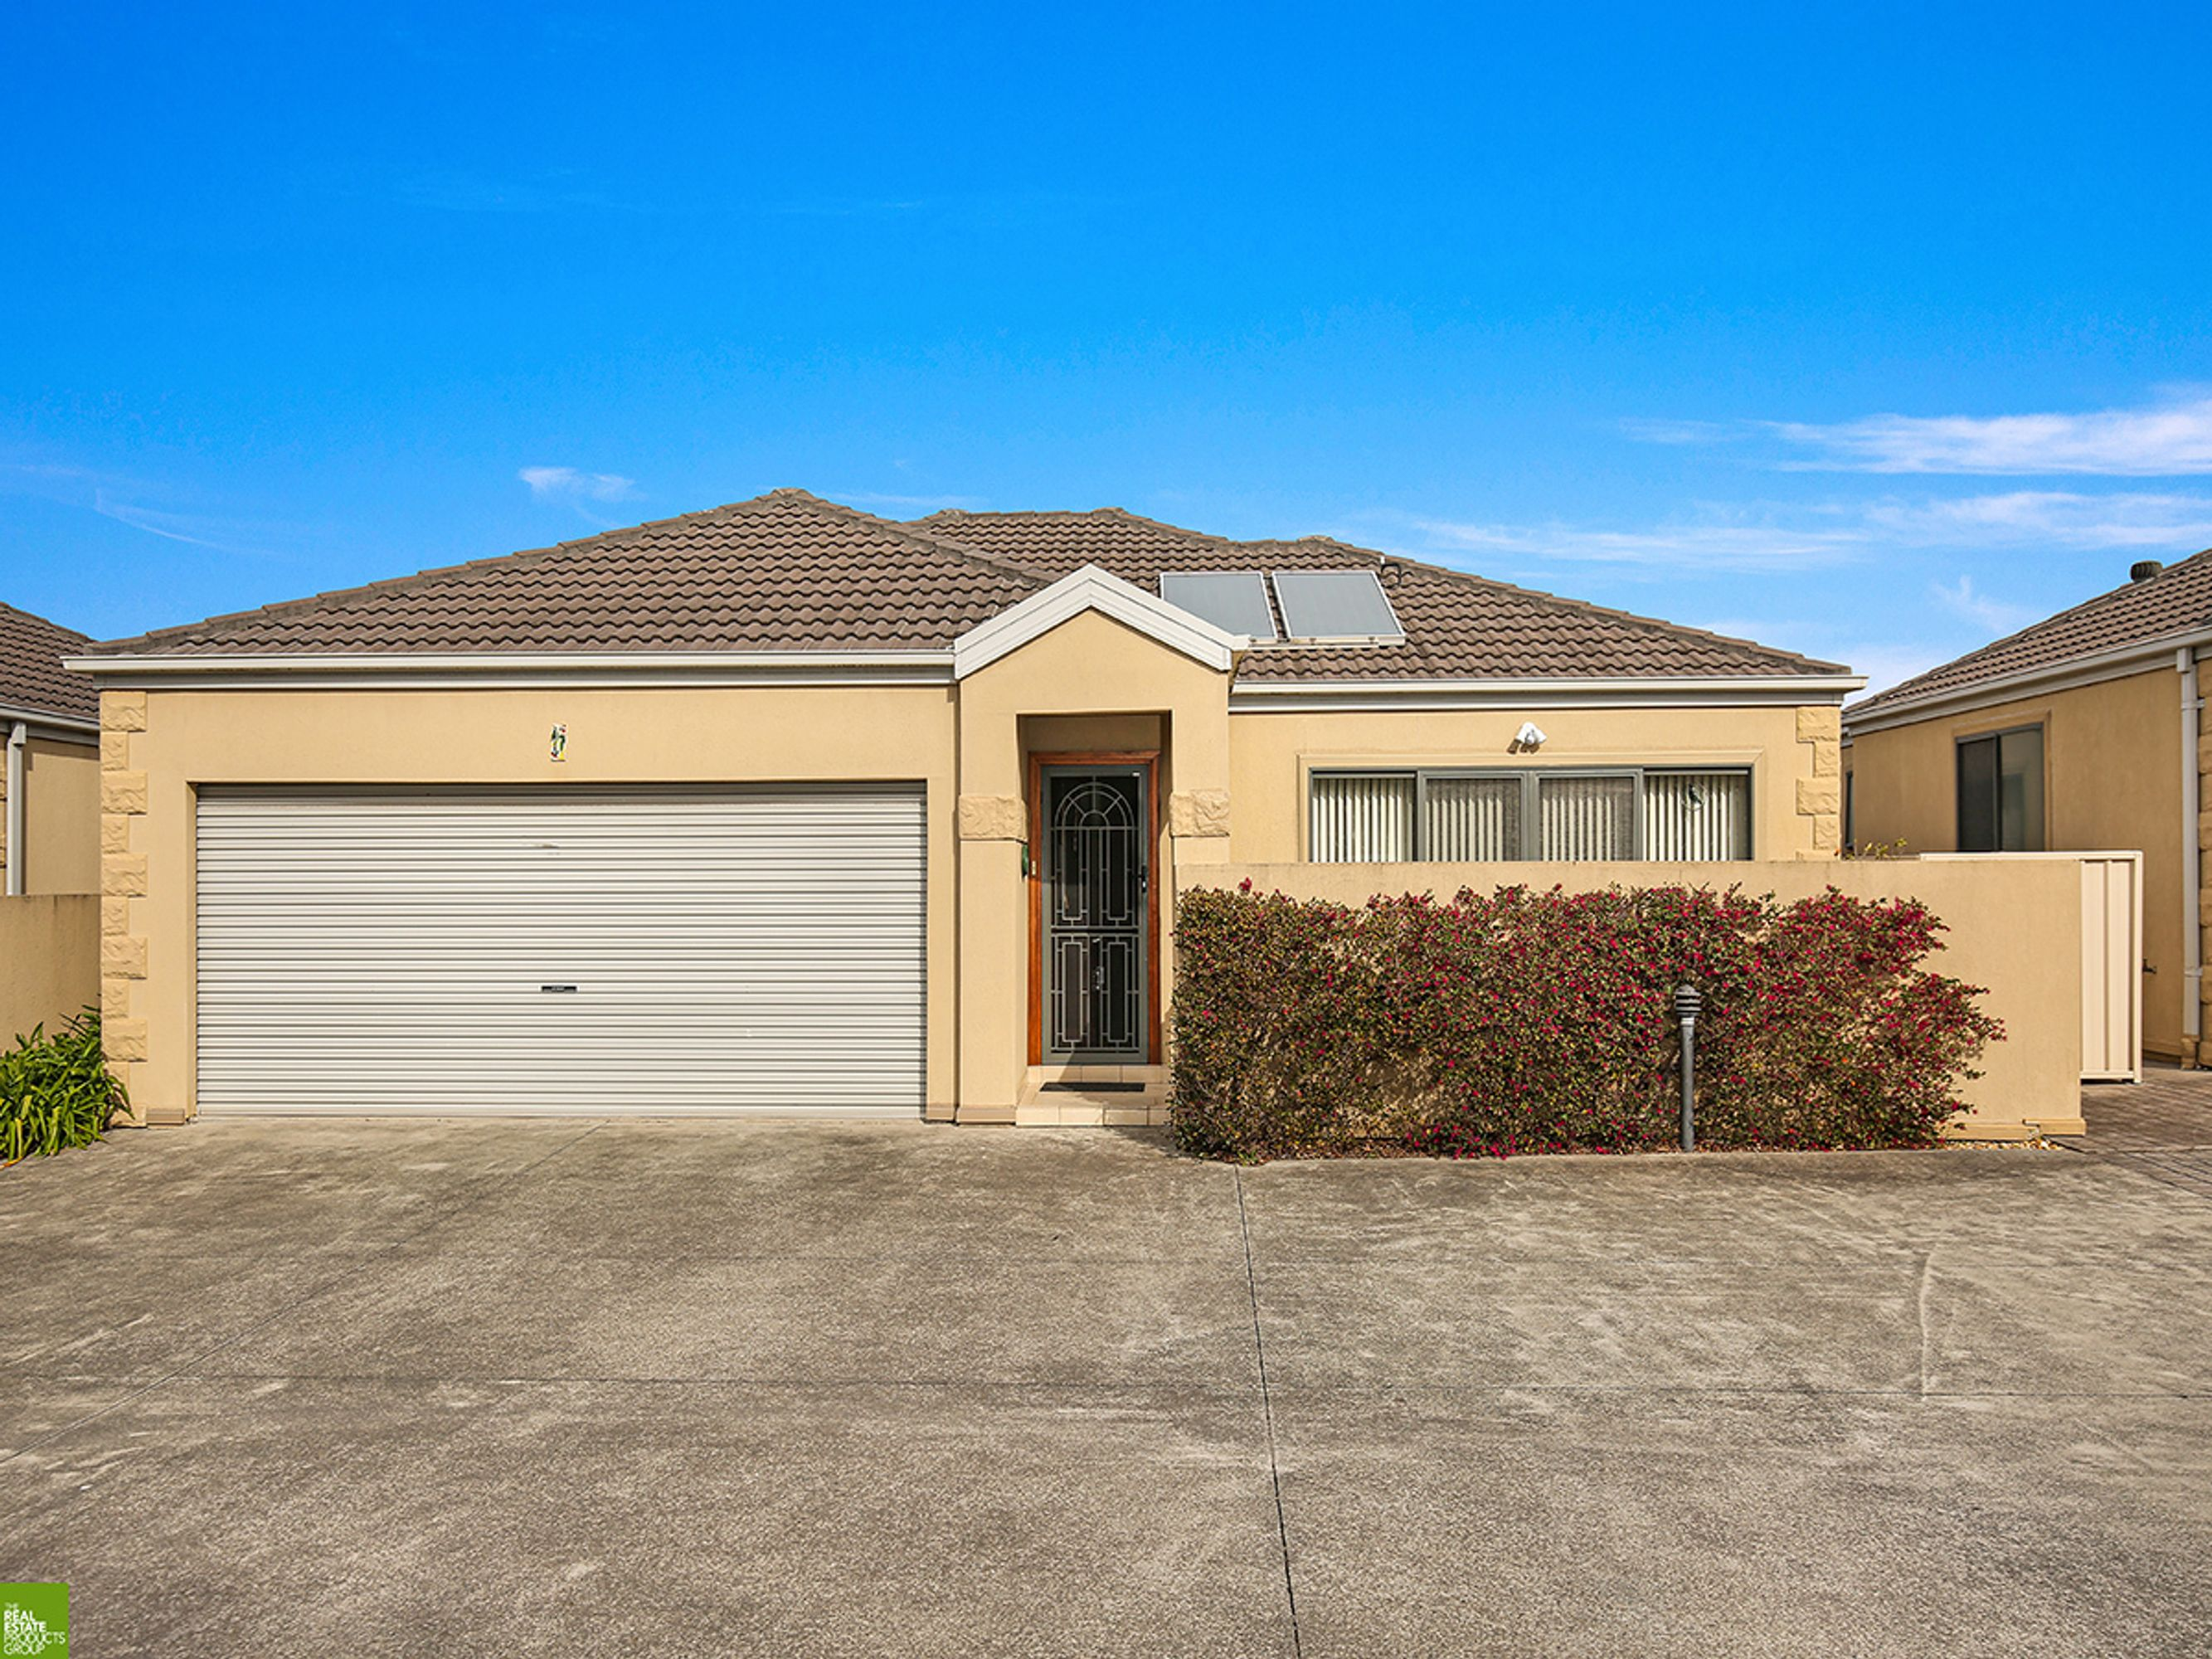 17/134 Kanahooka Road, Kanahooka, NSW 2530